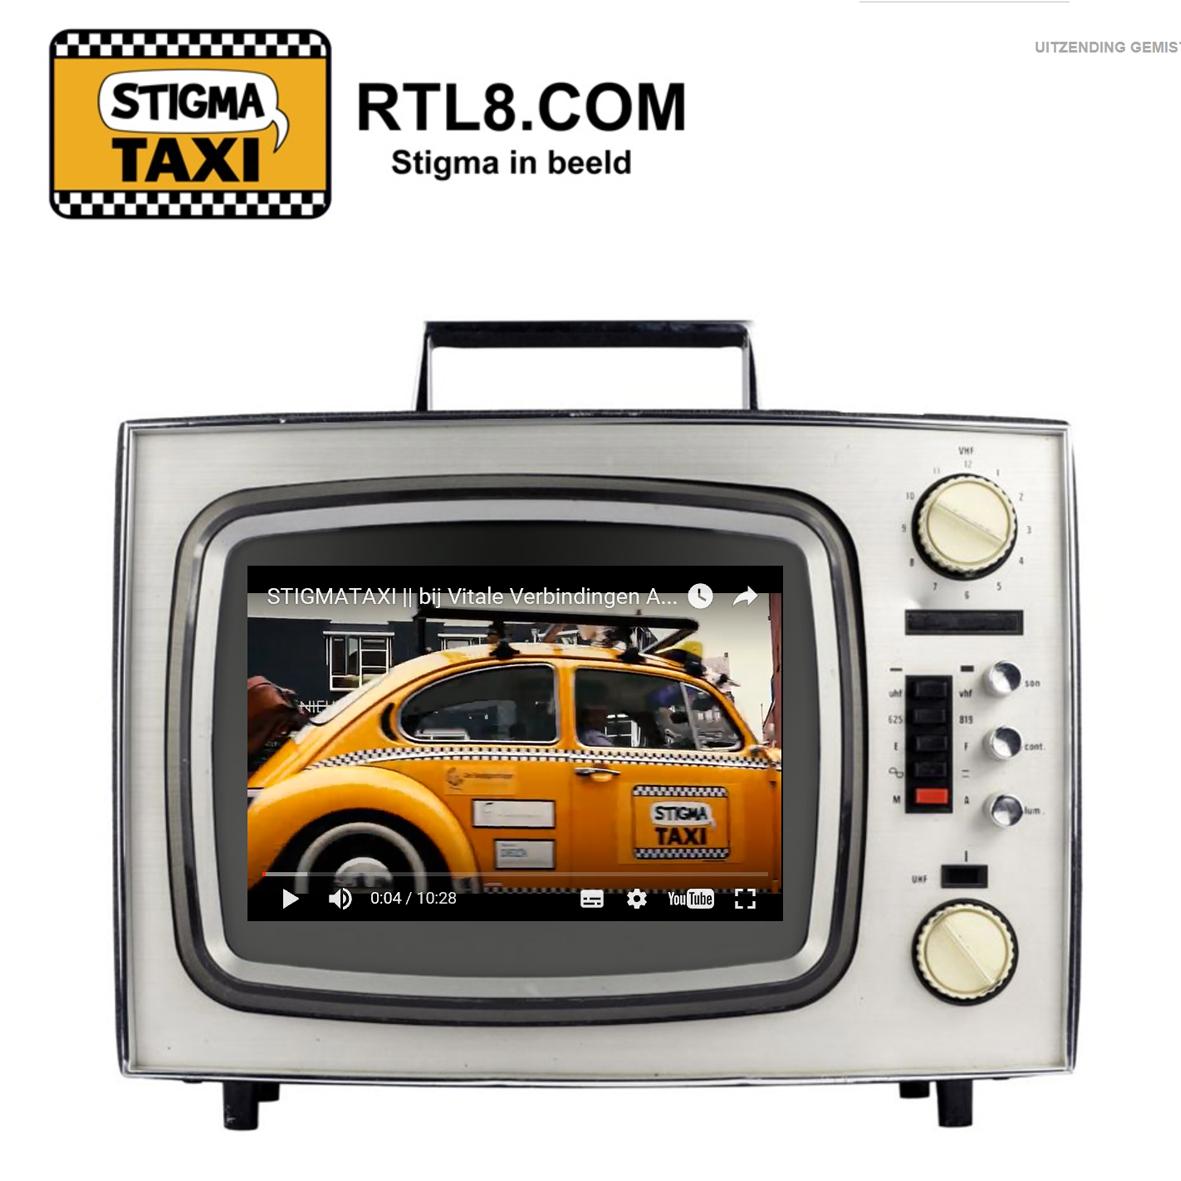 Tv Arnhem De Bagagedrager